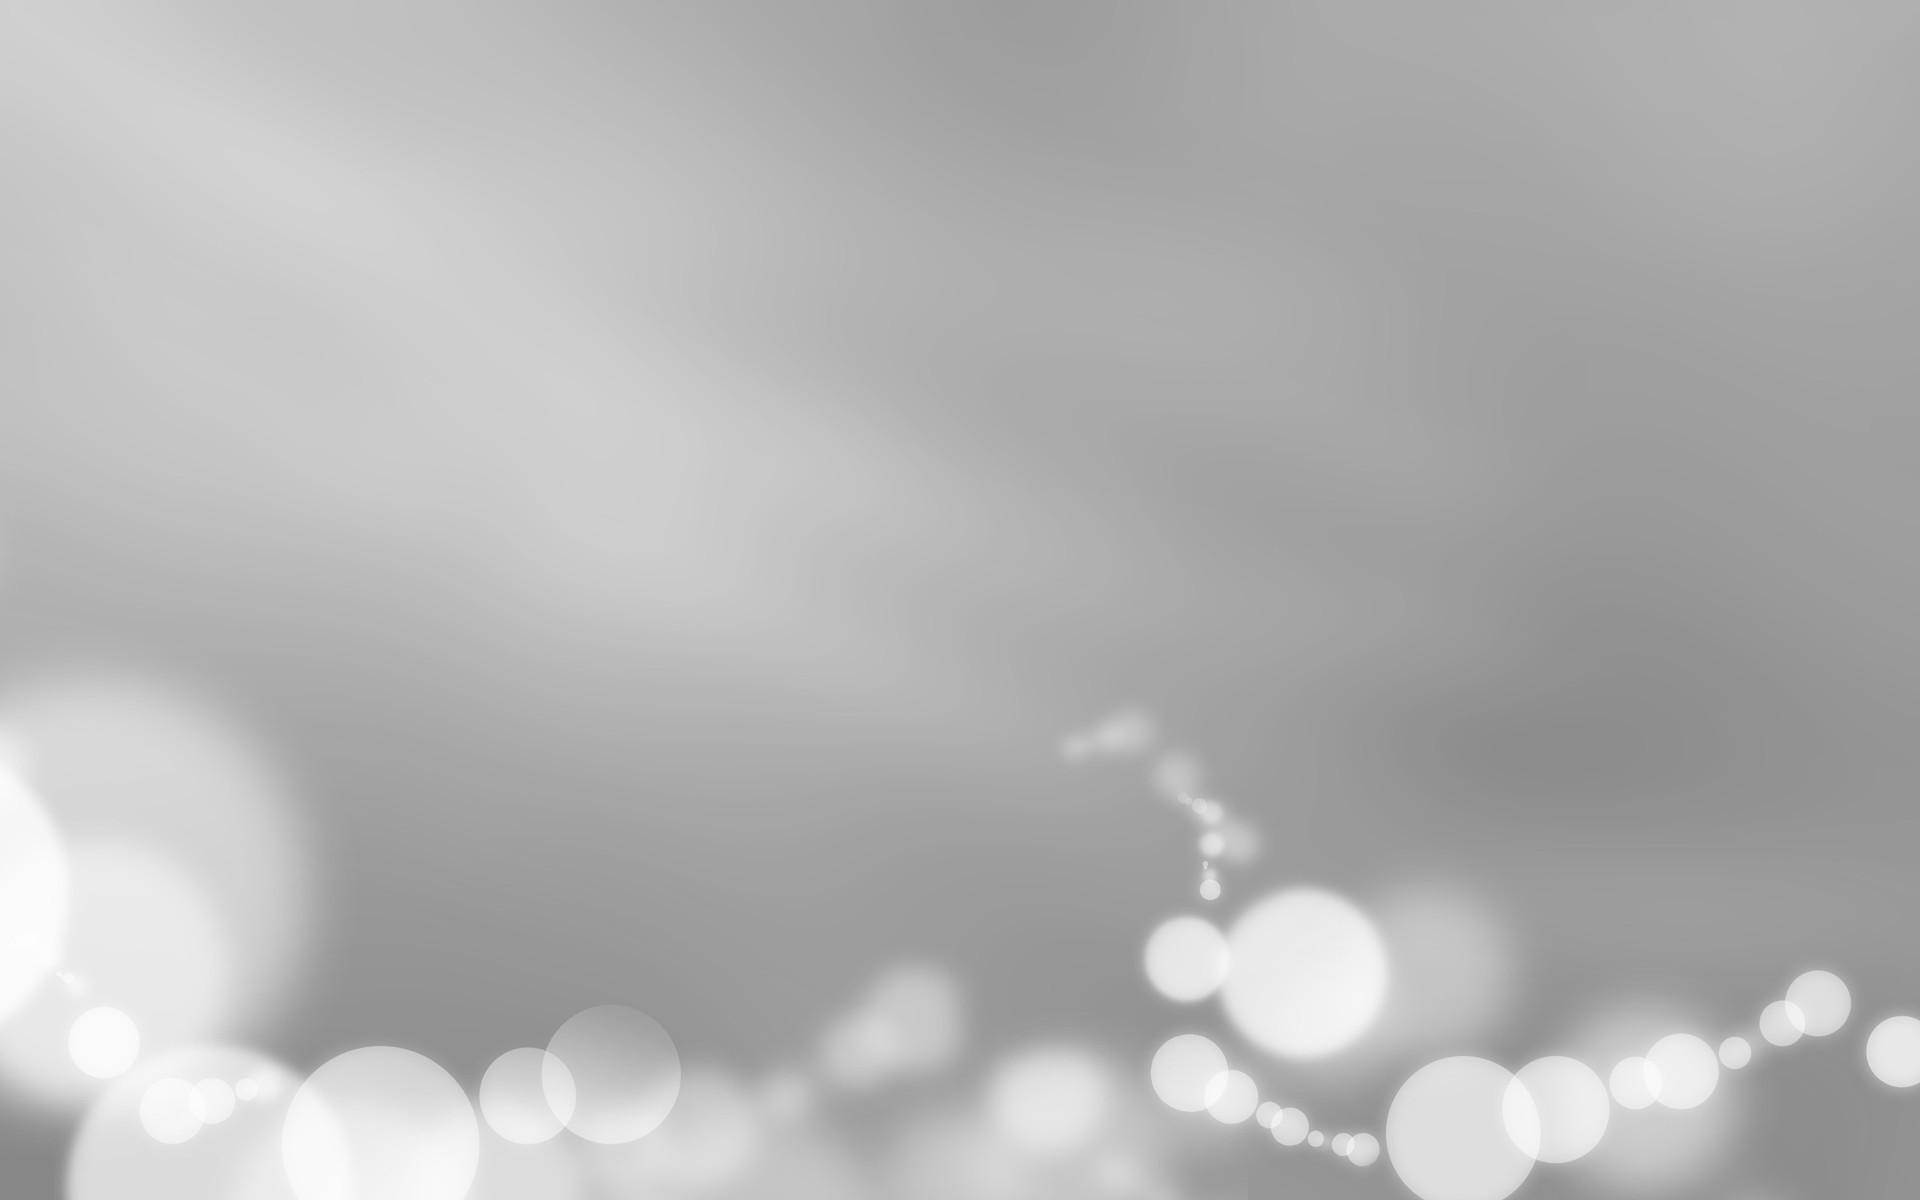 Preview Grey Wallpaper   feelgrafix.com   Pinterest   Fifty shades and  Wallpaper